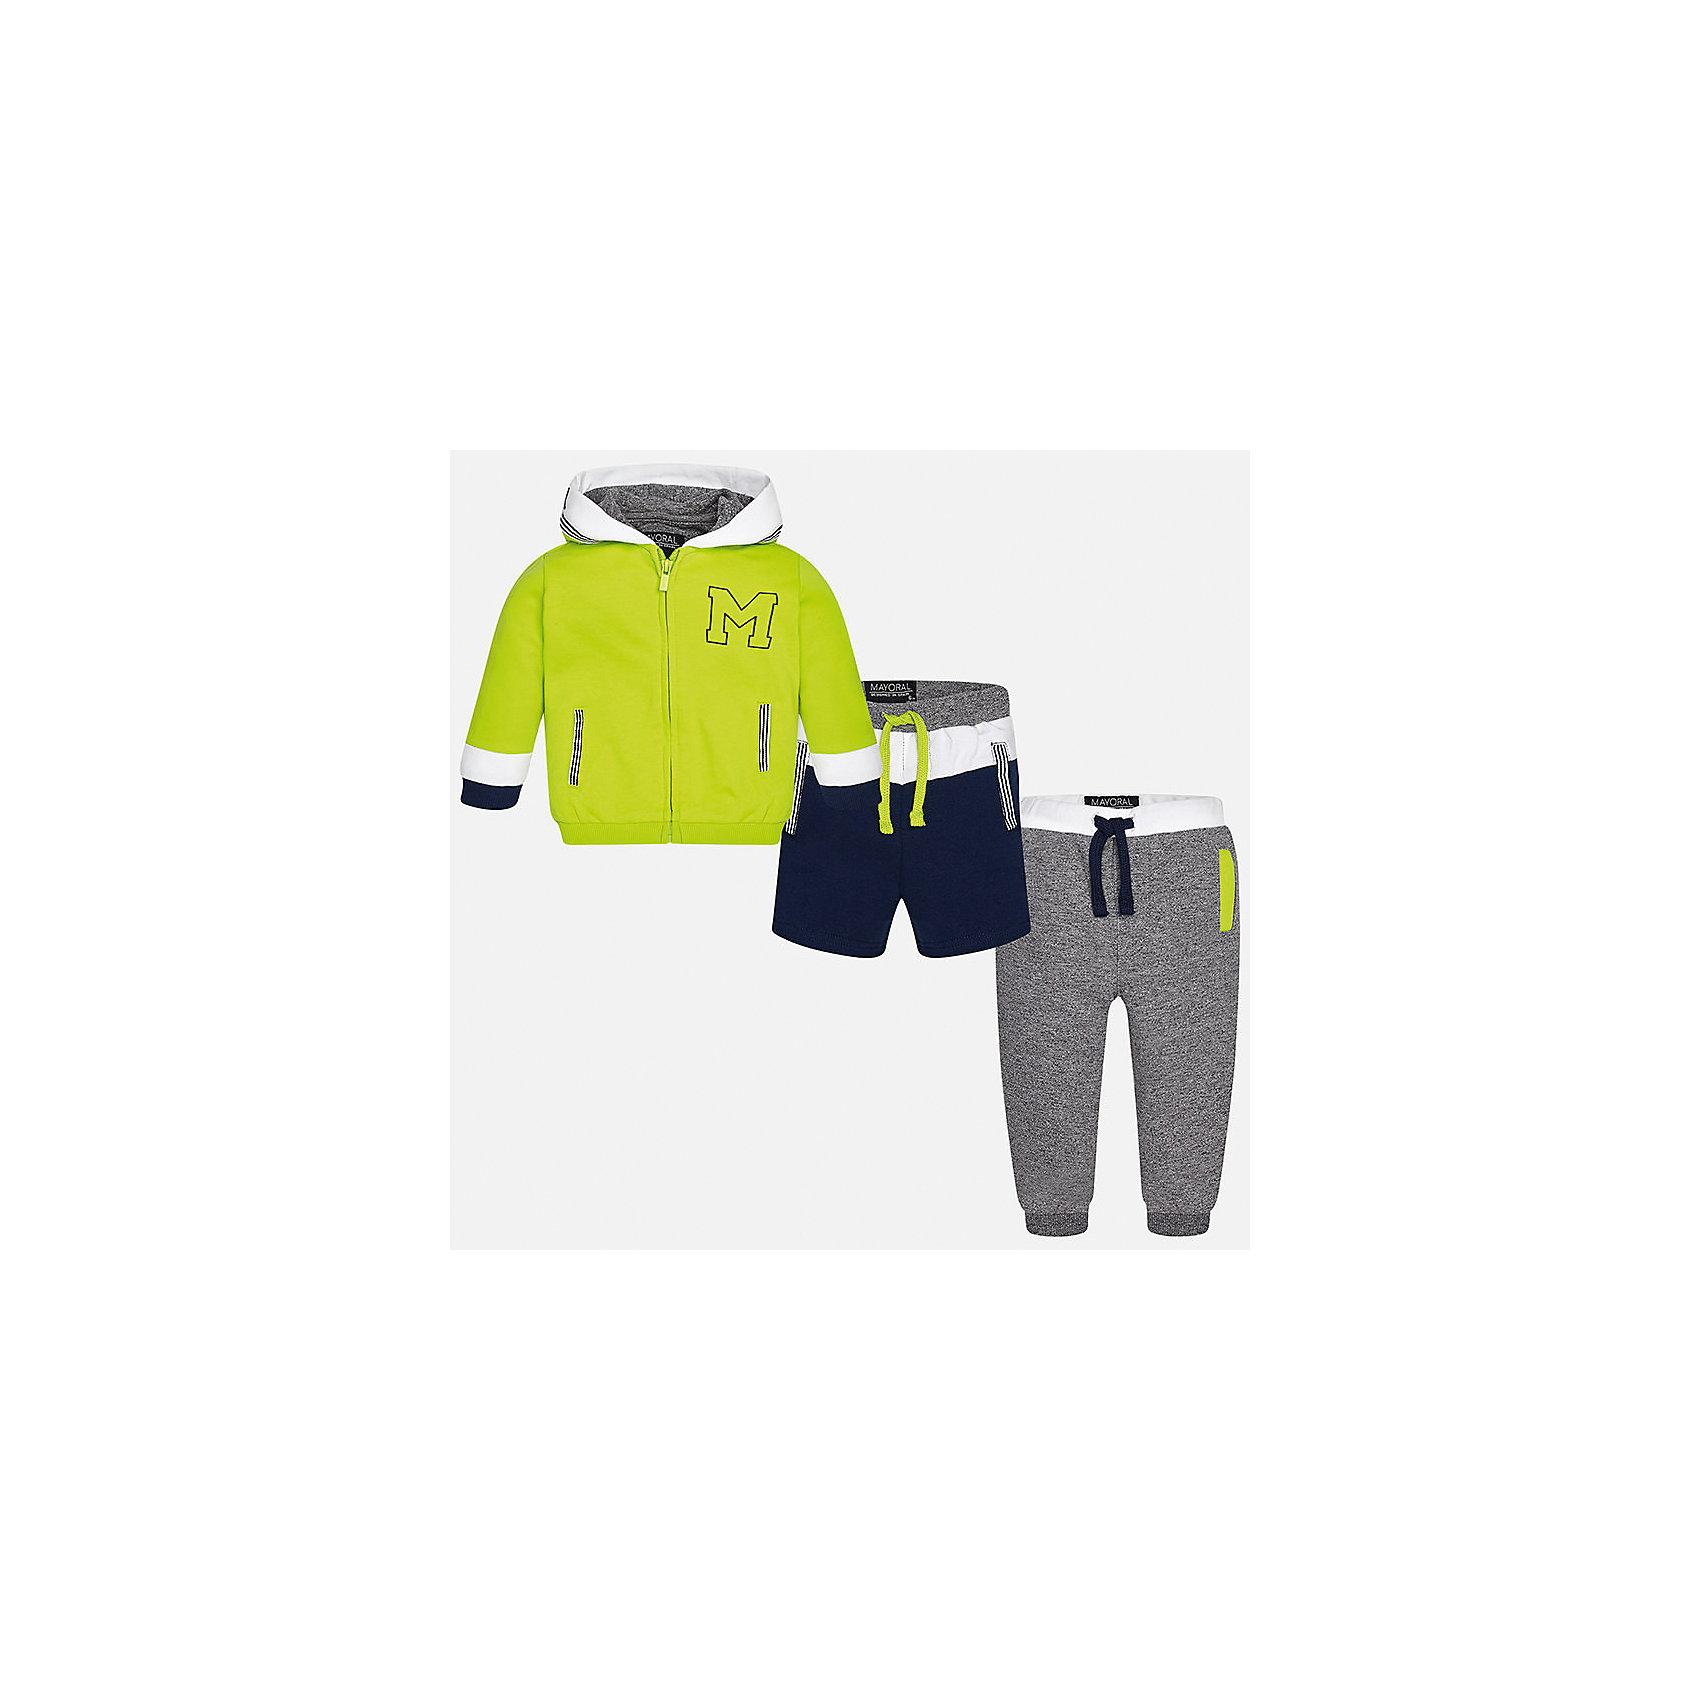 Спортивный костюм для мальчика MayoralХарактеристики товара:<br><br>• цвет: салатовый/серый/синий<br>• состав: 58% хлопок, 39% полиэстер, 3% эластан<br>• комплектация: курточка, штаны, шорты<br>• куртка декорирована вышивкой<br>• карманы<br>• капюшон<br>• штаны, шорты - пояс на шнурке<br>• манжеты на штанах <br>• страна бренда: Испания<br><br>Стильный качественный спортивный костюм для мальчика поможет разнообразить гардероб ребенка и удобно одеться. Курточка, шорты и штаны отлично сочетаются с другими предметами. Универсальный цвет позволяет подобрать к вещам верхнюю одежду практически любой расцветки. Интересная отделка модели делает её нарядной и оригинальной. В составе материала - натуральный хлопок, гипоаллергенный, приятный на ощупь, дышащий.<br><br>Одежда, обувь и аксессуары от испанского бренда Mayoral полюбились детям и взрослым по всему миру. Модели этой марки - стильные и удобные. Для их производства используются только безопасные, качественные материалы и фурнитура. Порадуйте ребенка модными и красивыми вещами от Mayoral! <br><br>Спортивный костюм для мальчика от испанского бренда Mayoral (Майорал) можно купить в нашем интернет-магазине.<br><br>Ширина мм: 247<br>Глубина мм: 16<br>Высота мм: 140<br>Вес г: 225<br>Цвет: зеленый<br>Возраст от месяцев: 18<br>Возраст до месяцев: 24<br>Пол: Мужской<br>Возраст: Детский<br>Размер: 92,80,86<br>SKU: 5279729